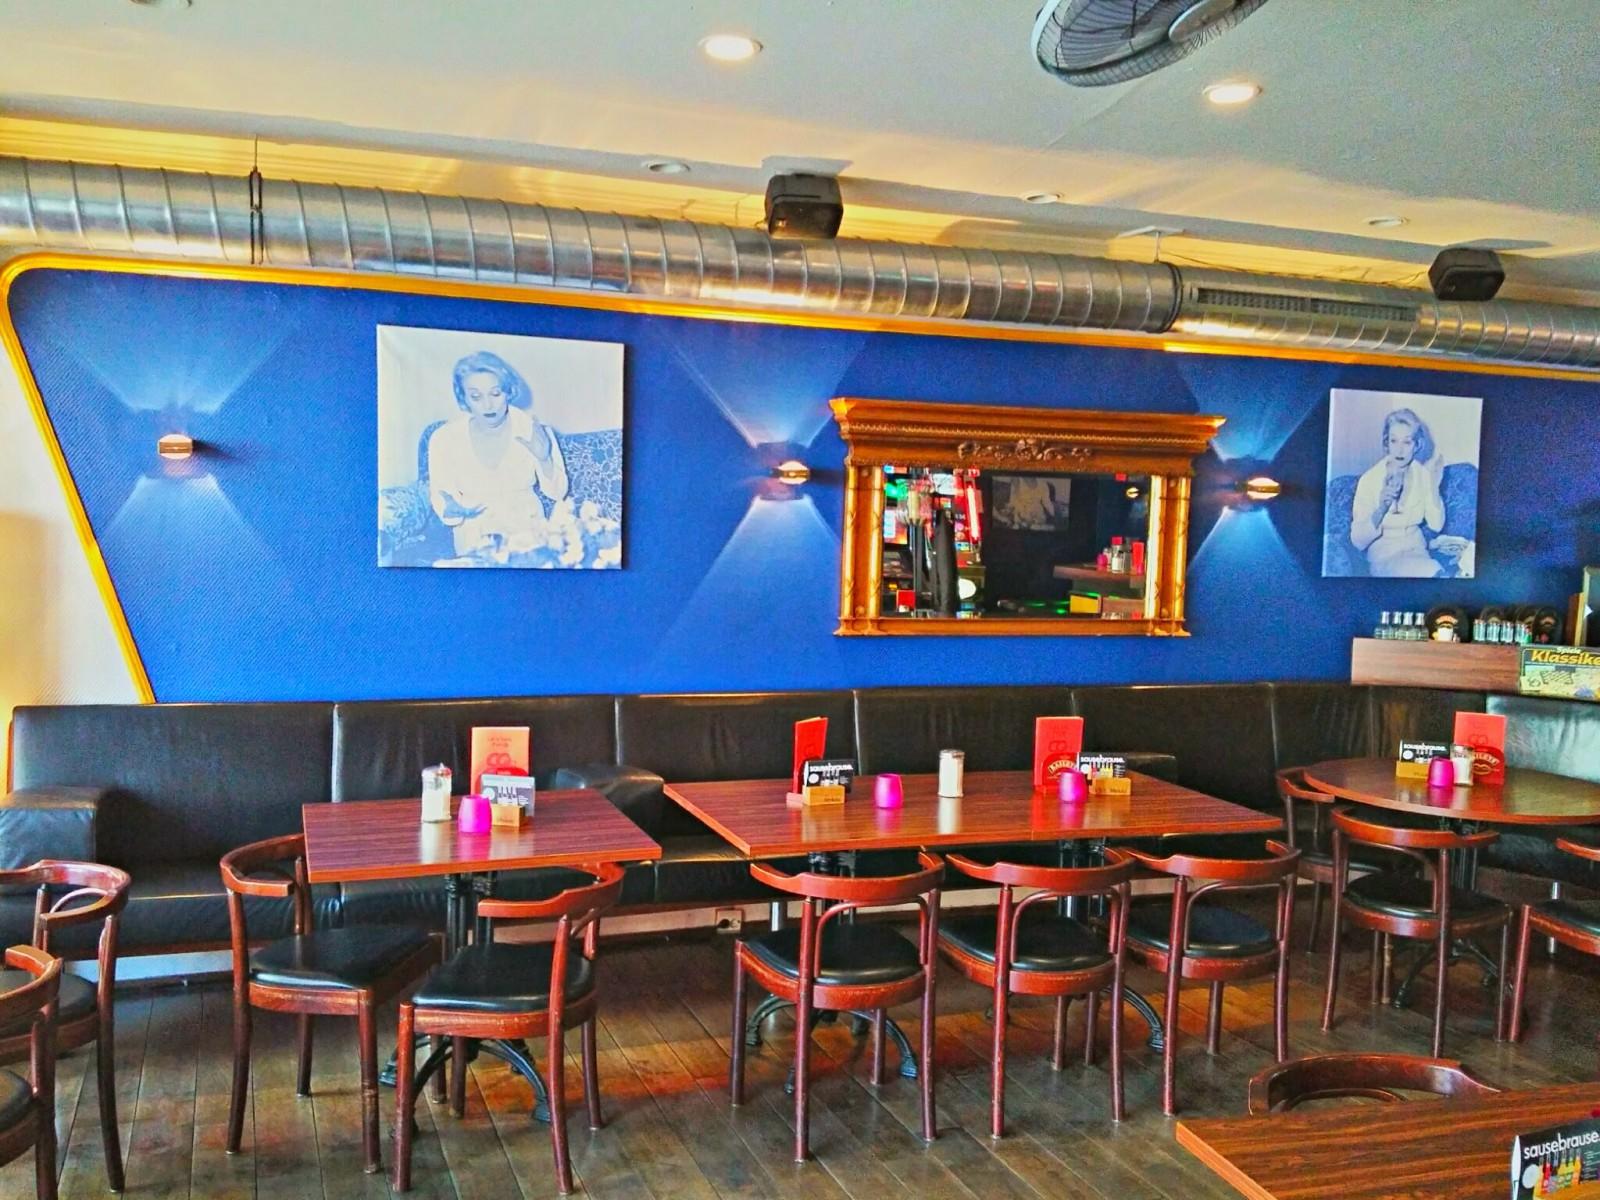 restaurant cafe bar cartoon in n rnberg. Black Bedroom Furniture Sets. Home Design Ideas